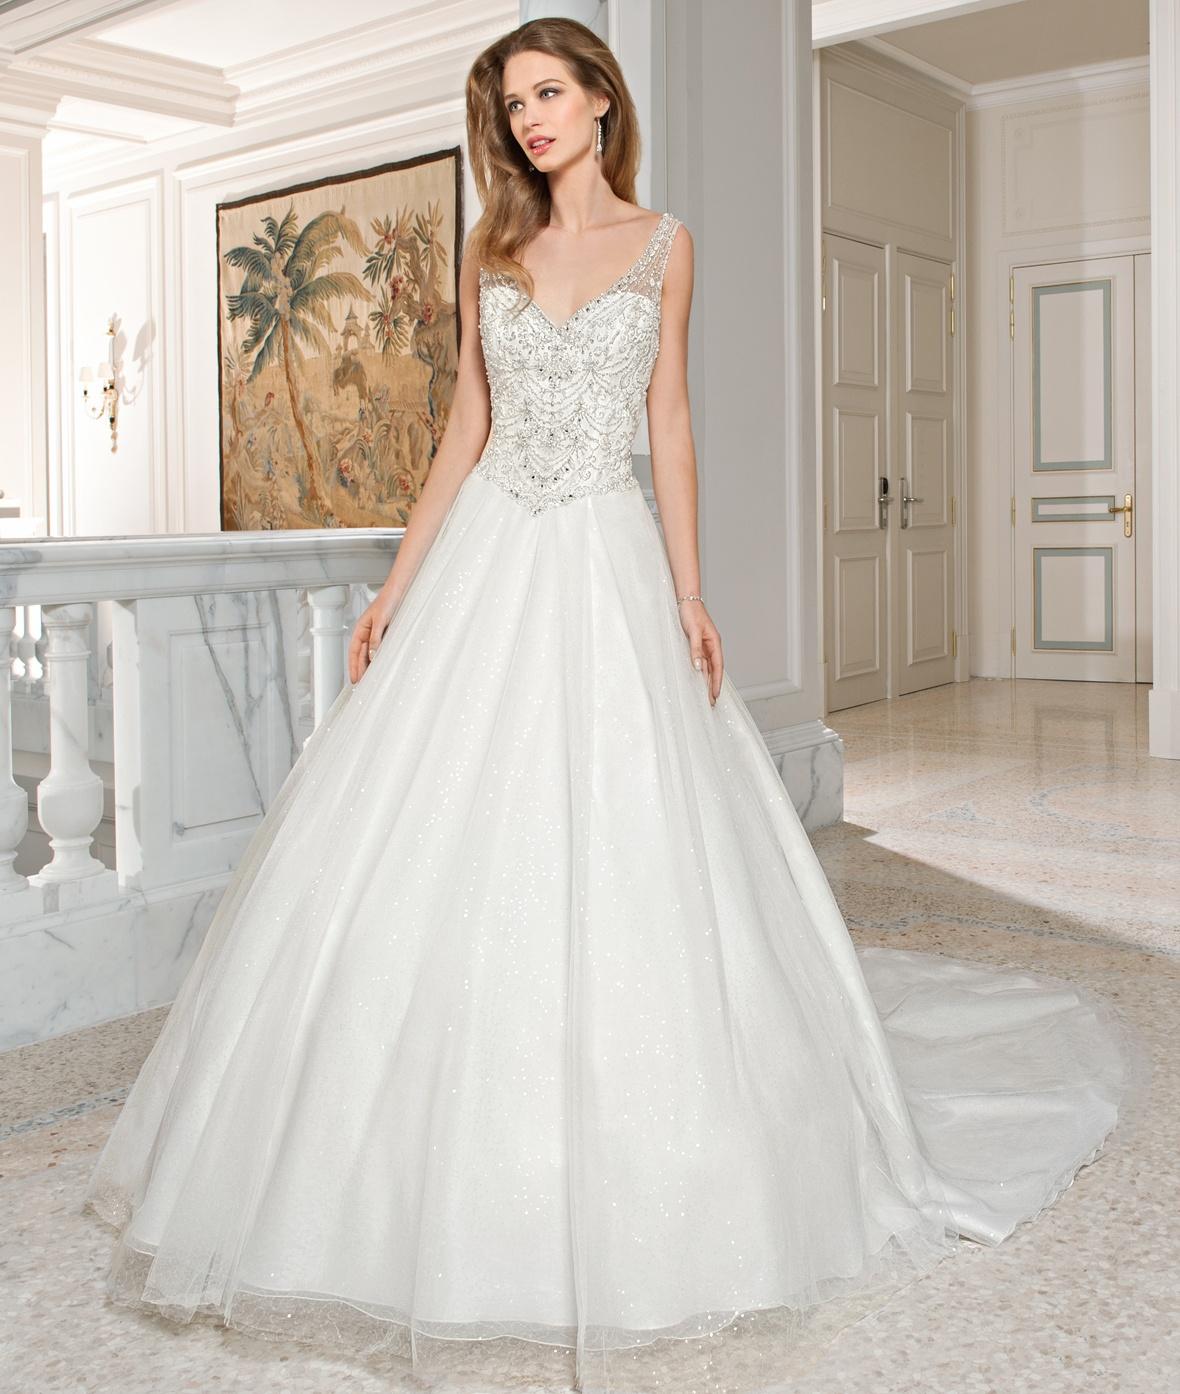 بالصور صور فساتين اعراس , تشكيله فساتين زفاف رائعه 1396 6